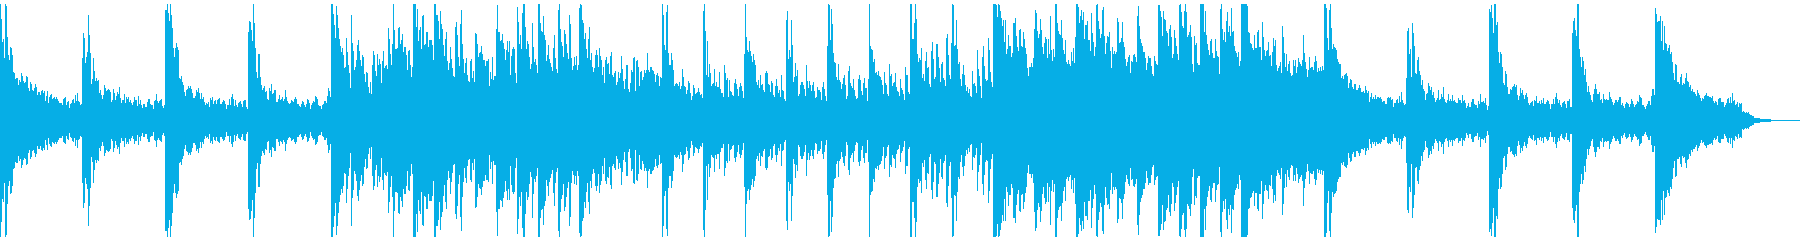 衝撃事件ミステリー再現サスペンス1の再生済みの波形